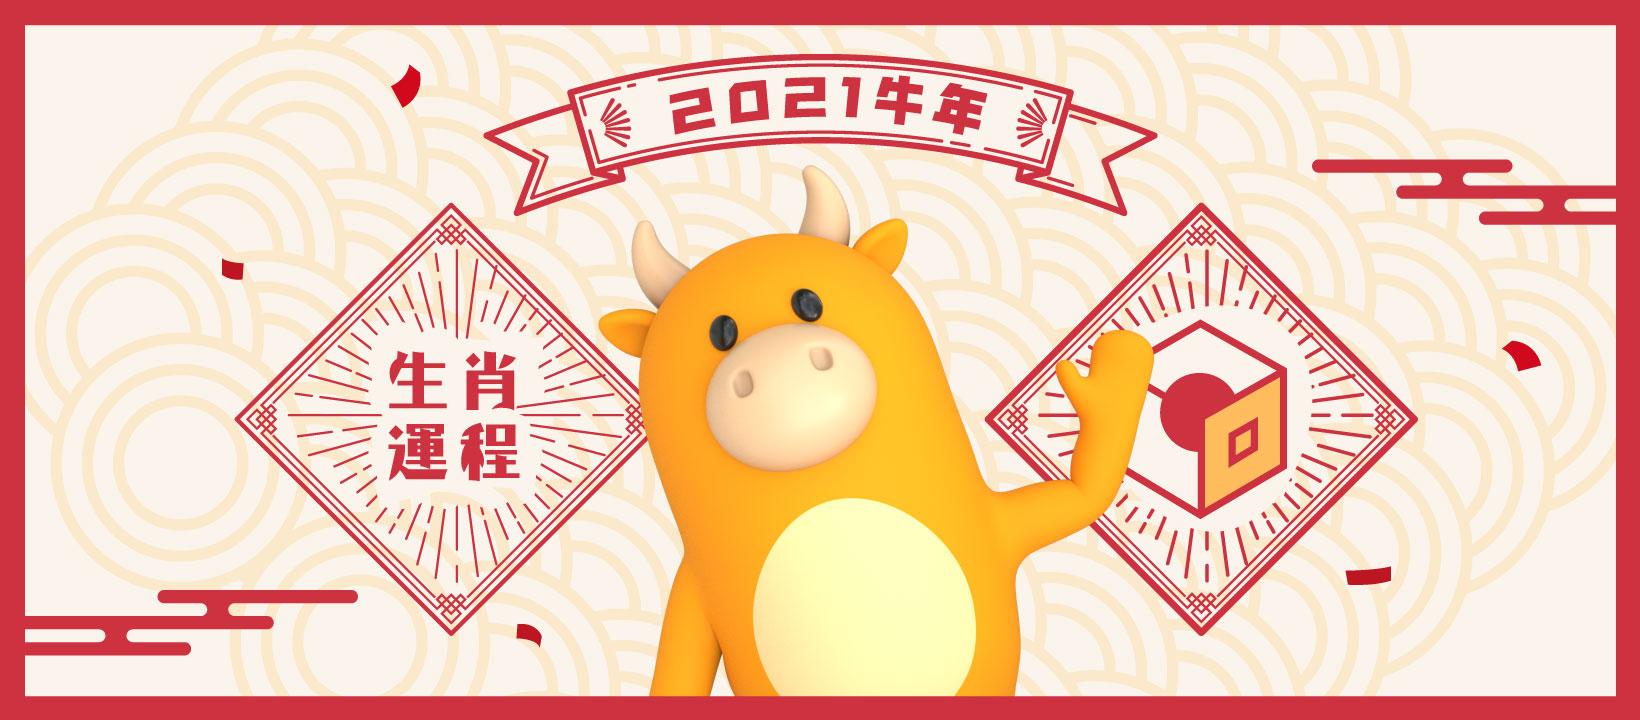 cny-12-zodiac-ar-yahoo